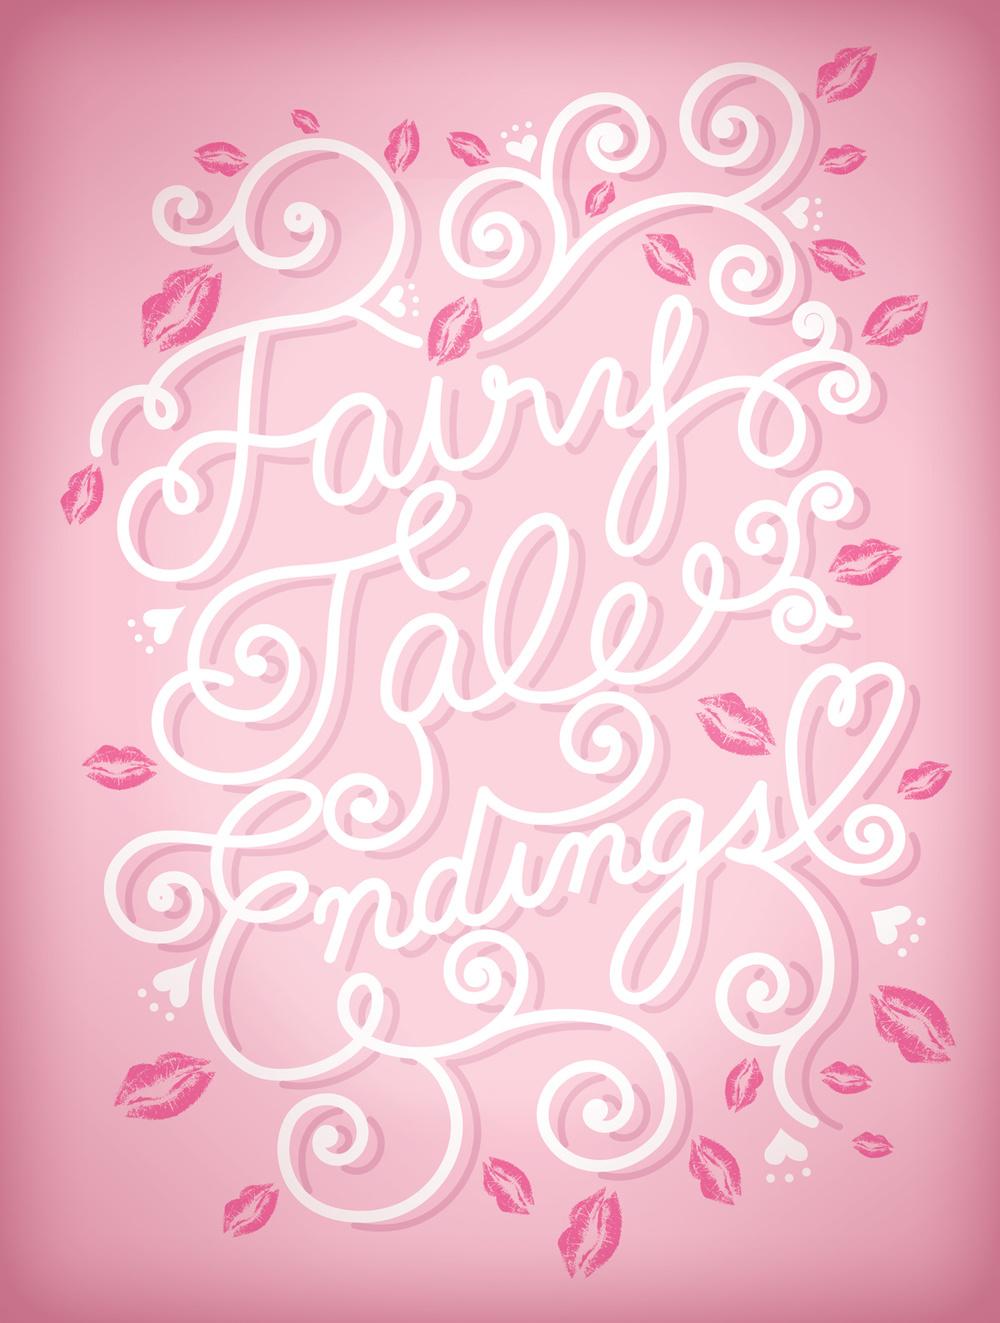 FairyTaleEndings.jpg